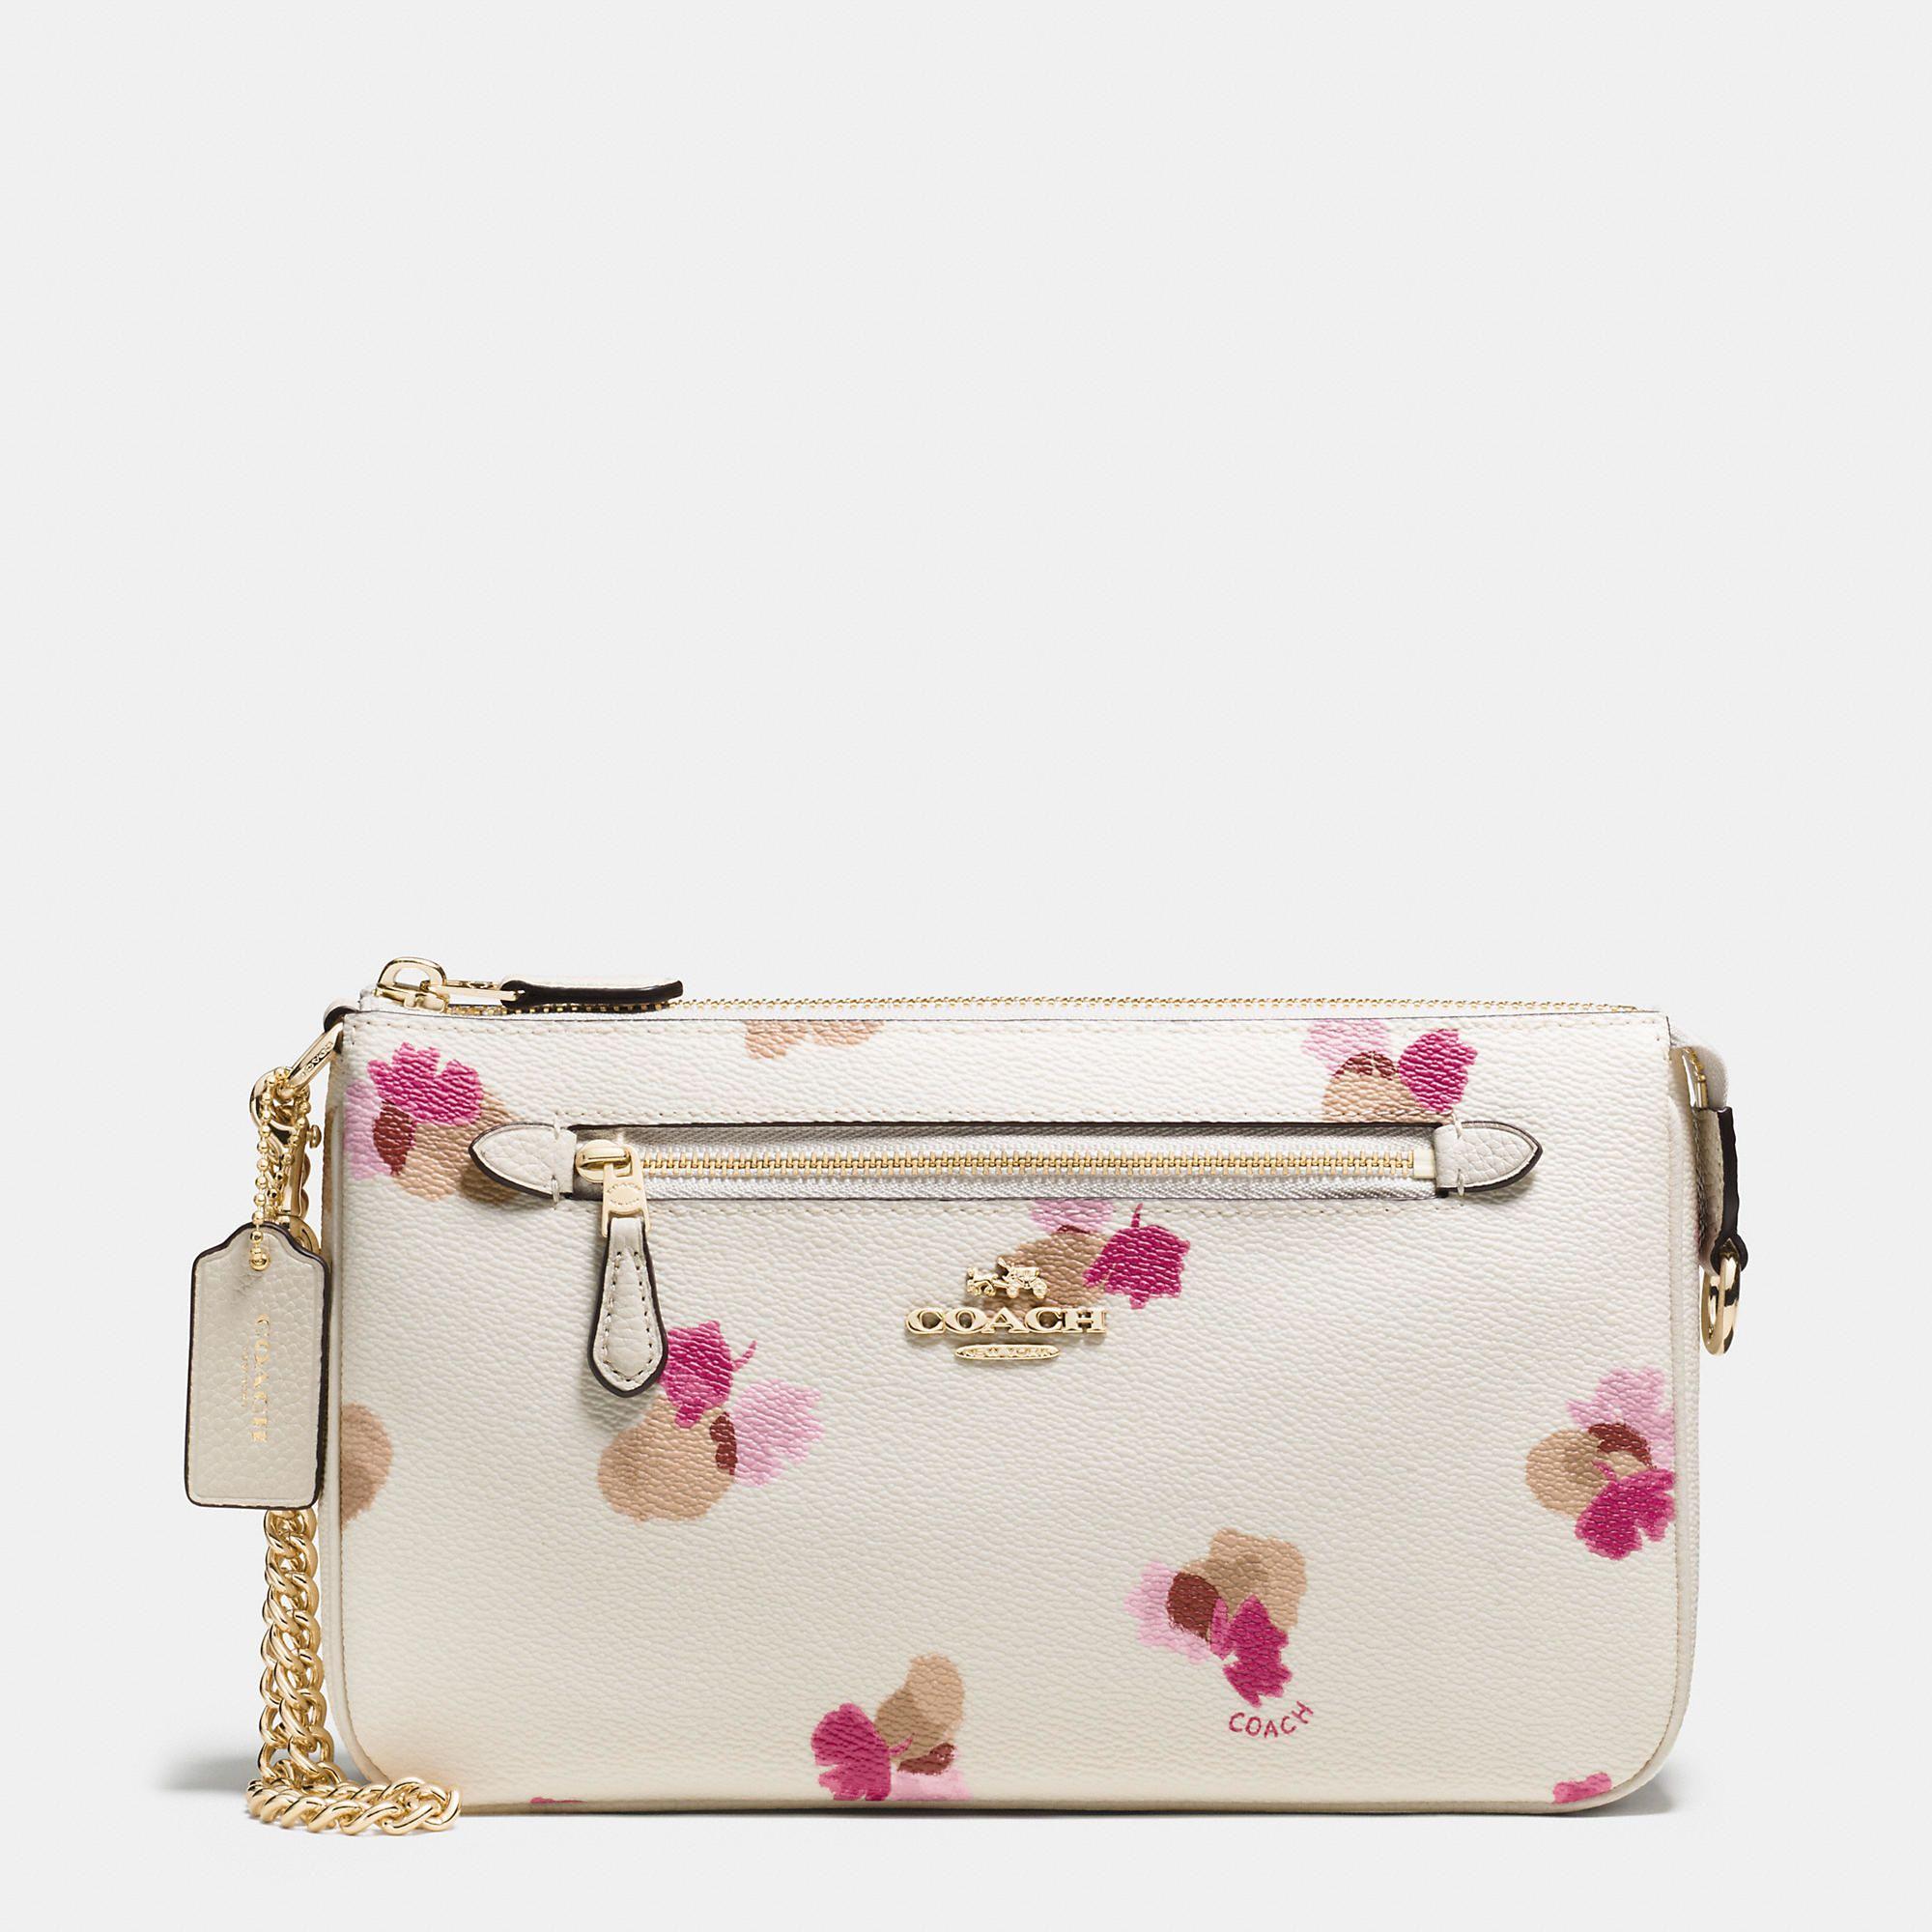 Authentic Coach Pink Flower Purse 46d7f 43e17